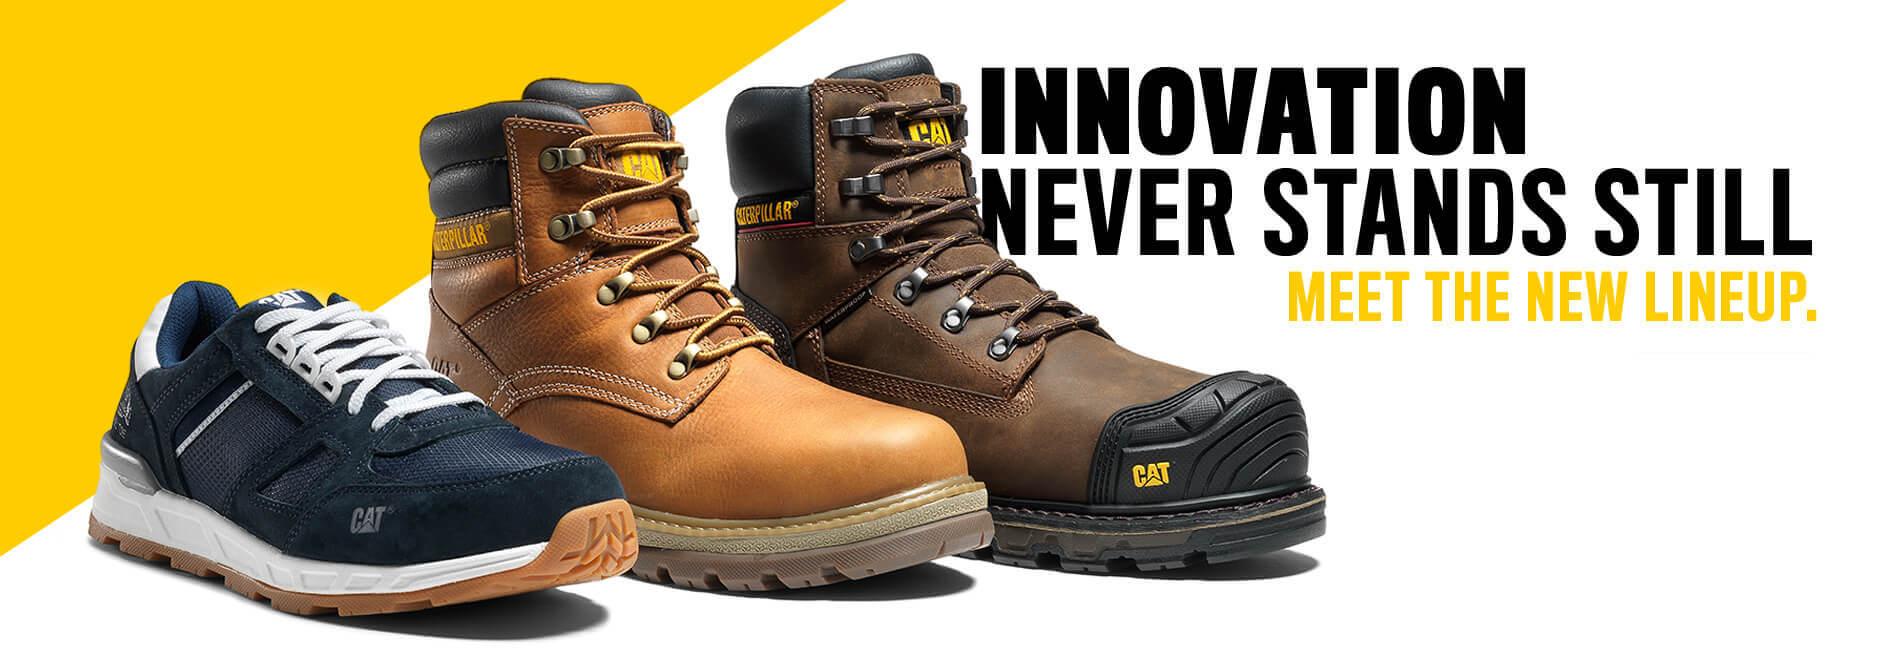 Innovation never stands still. Meet the new lineup.